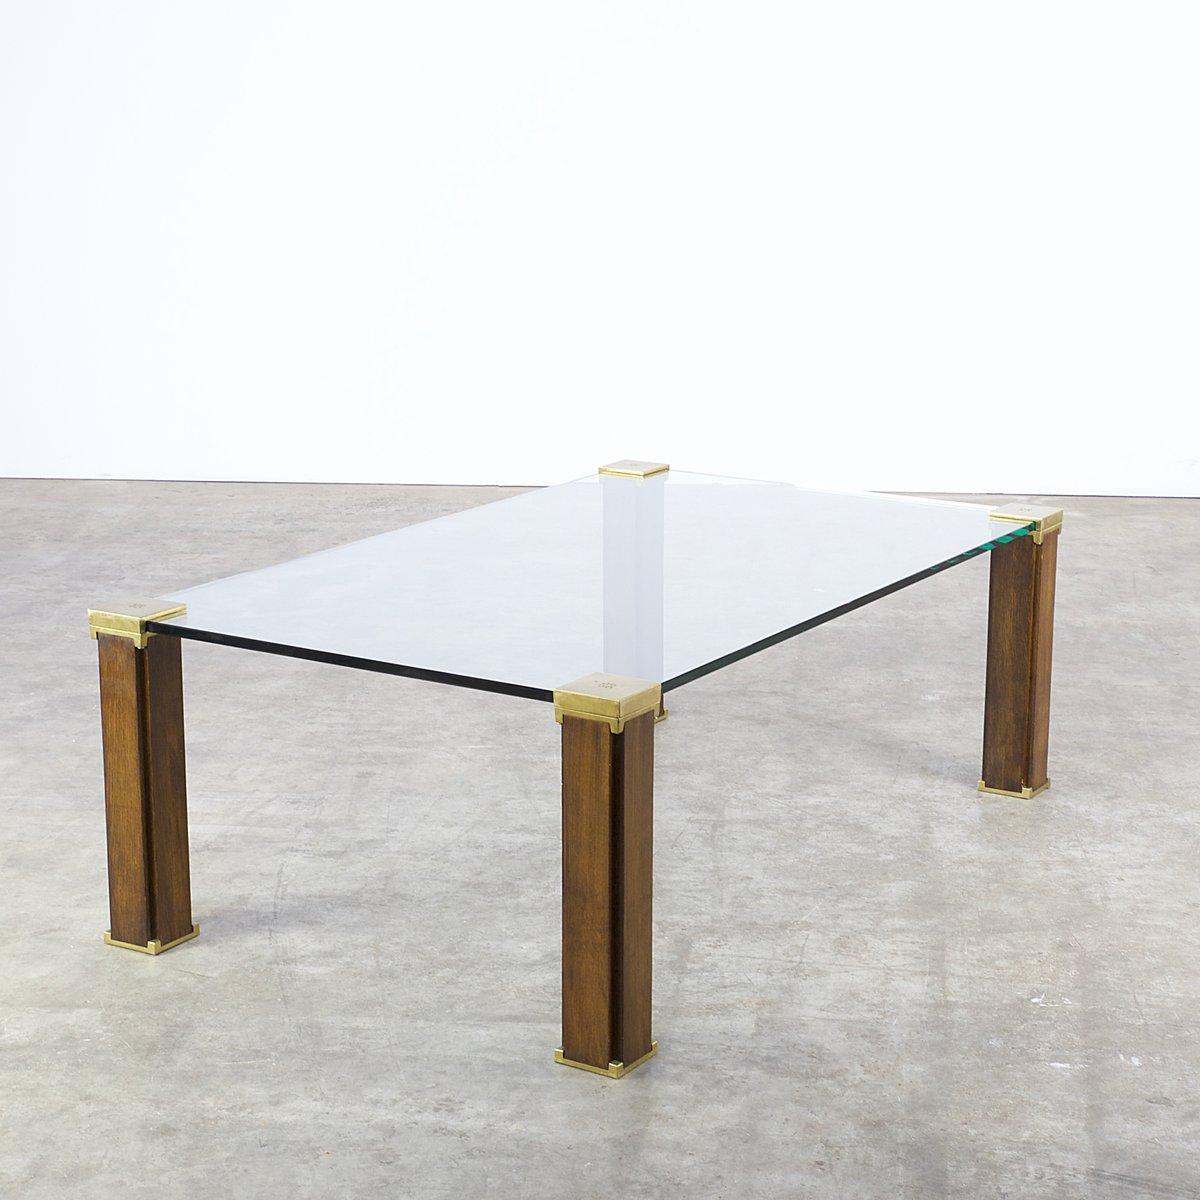 t66 couchtisch aus glas messing teak von peter ghyczy 1970er bei pamono kaufen. Black Bedroom Furniture Sets. Home Design Ideas